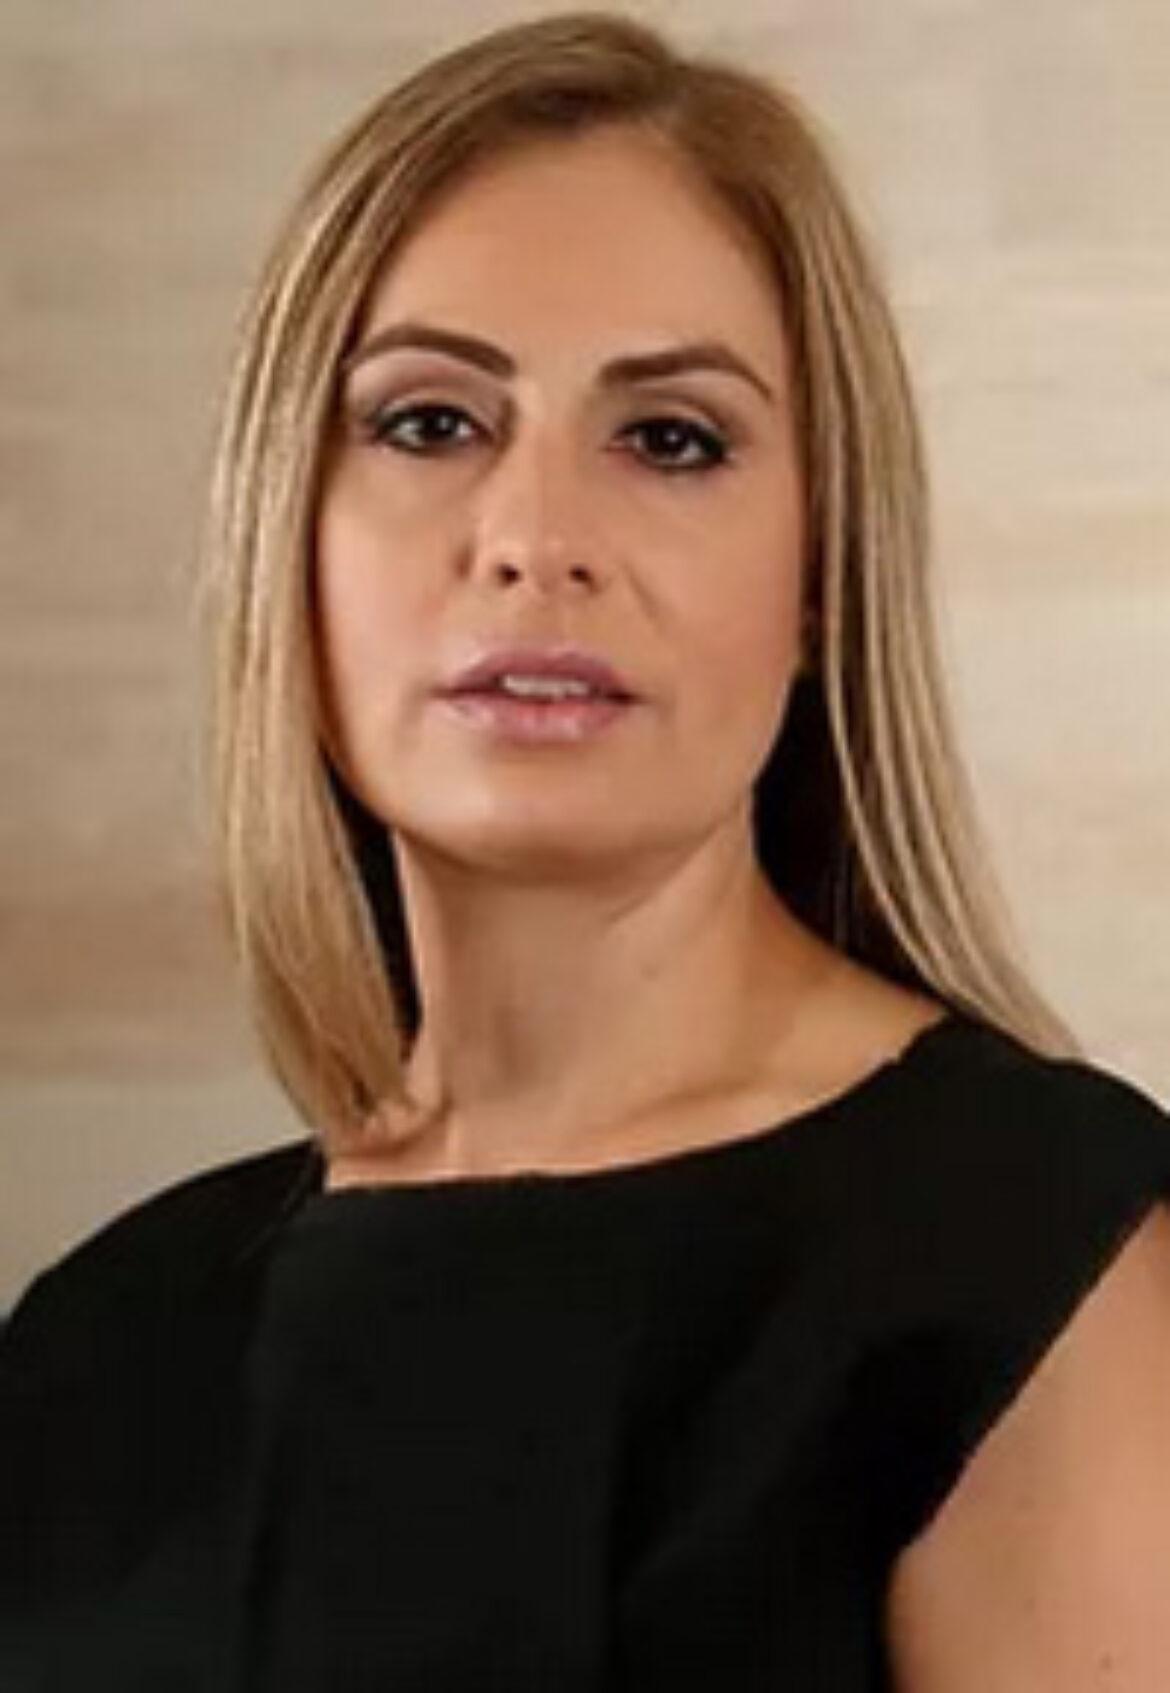 Elaine Maldonado-Matias